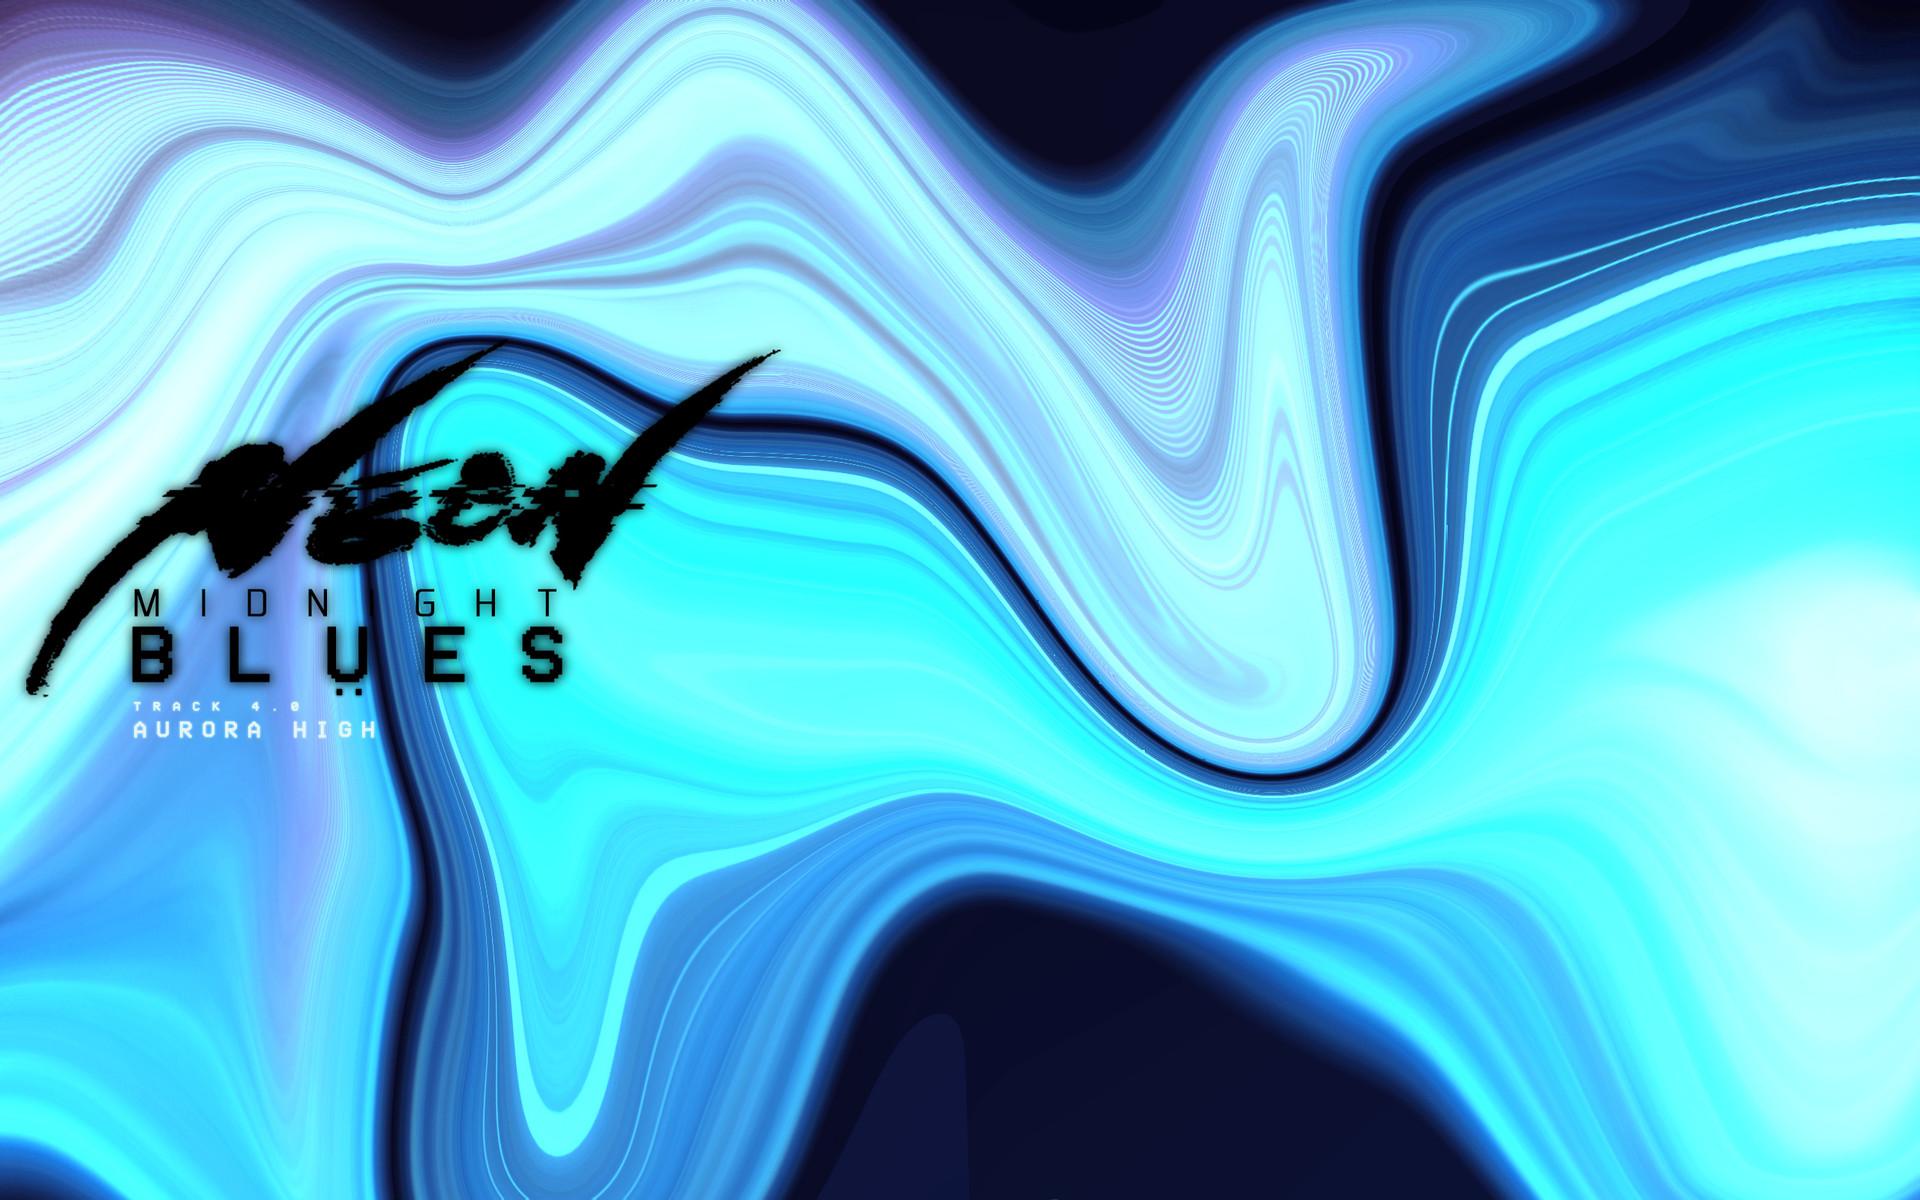 aurora.high cover art A